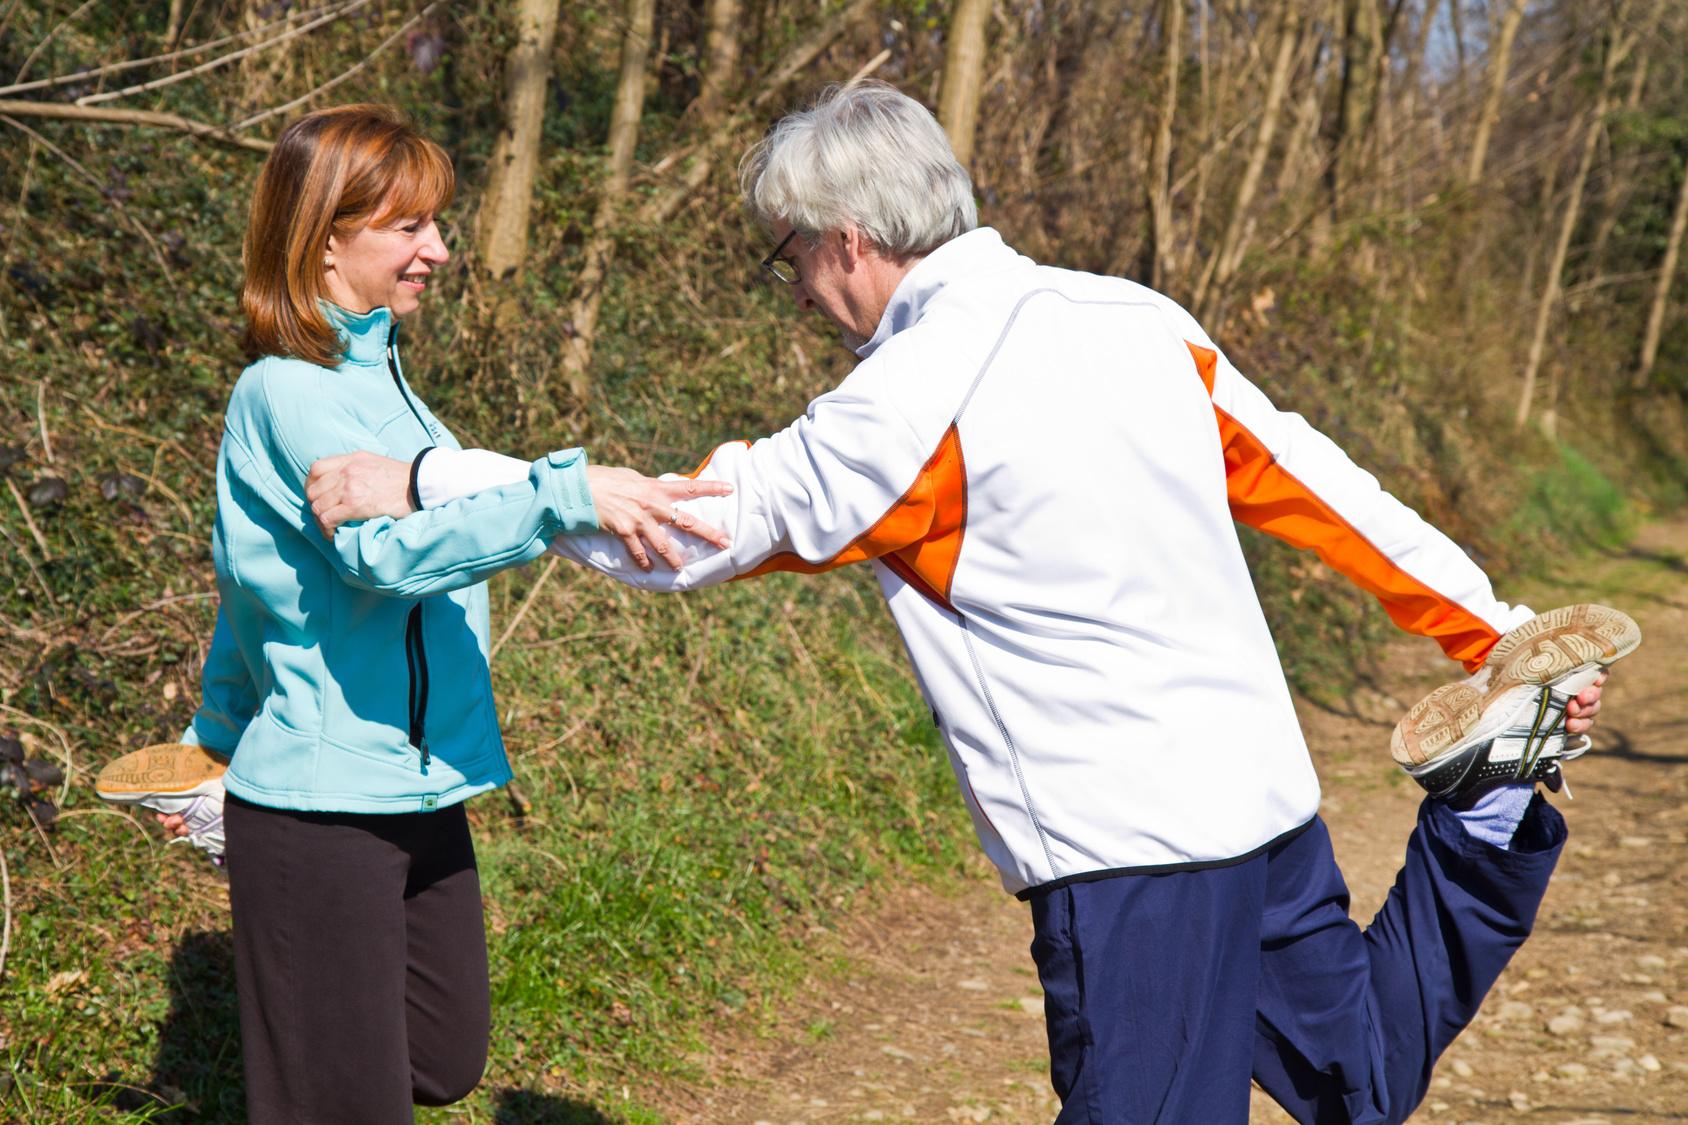 Aktywność fizyczna pomaga zachować zdrowie psychiczne